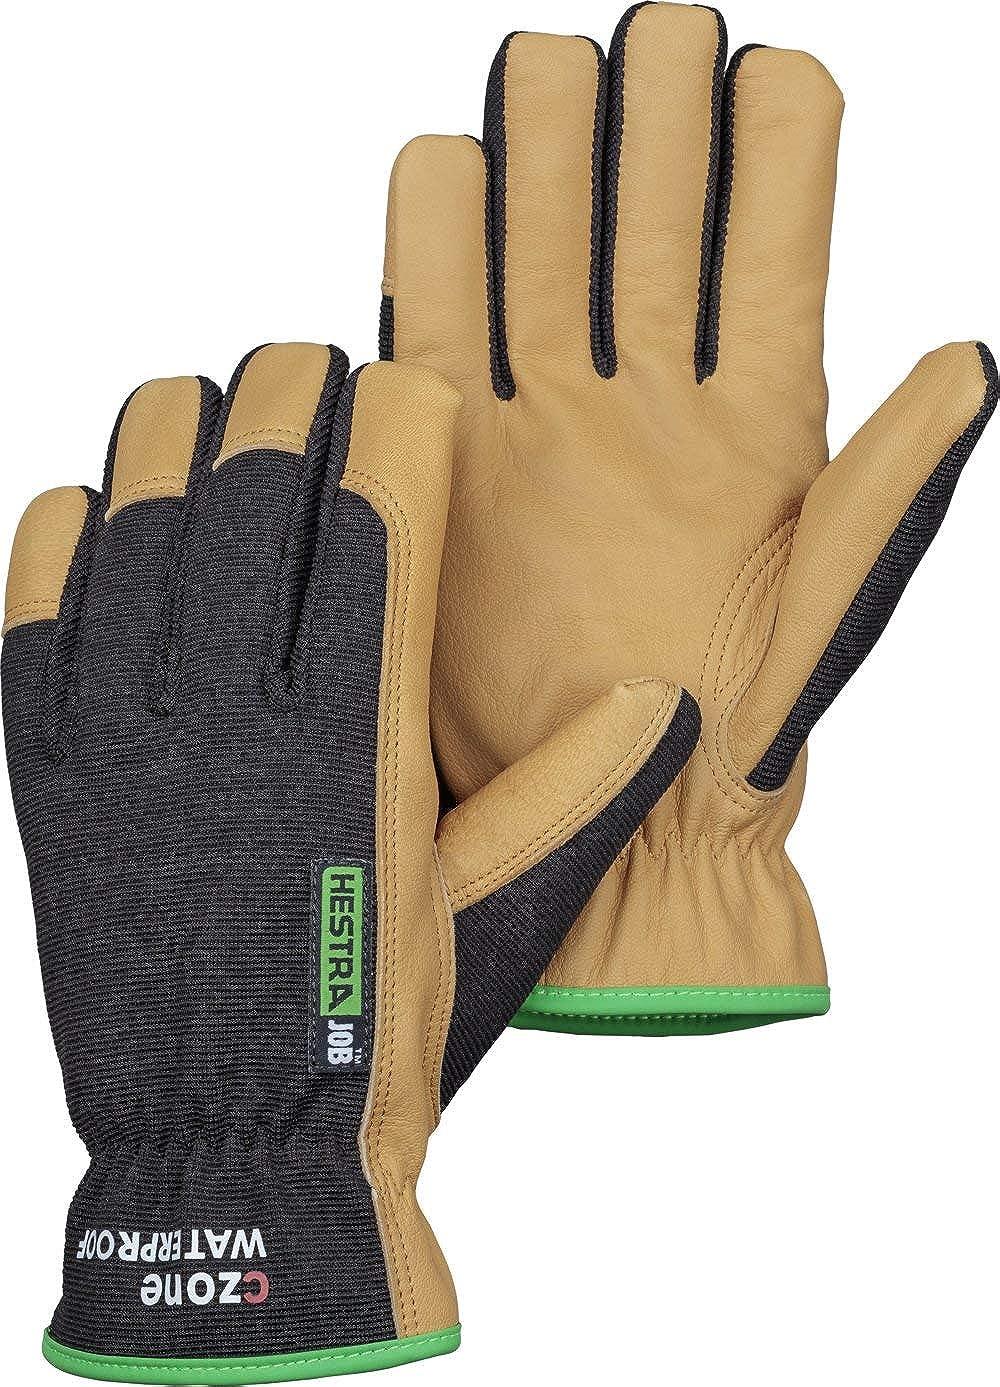 Hestra Work Multi-use Kobalt Leather Glove